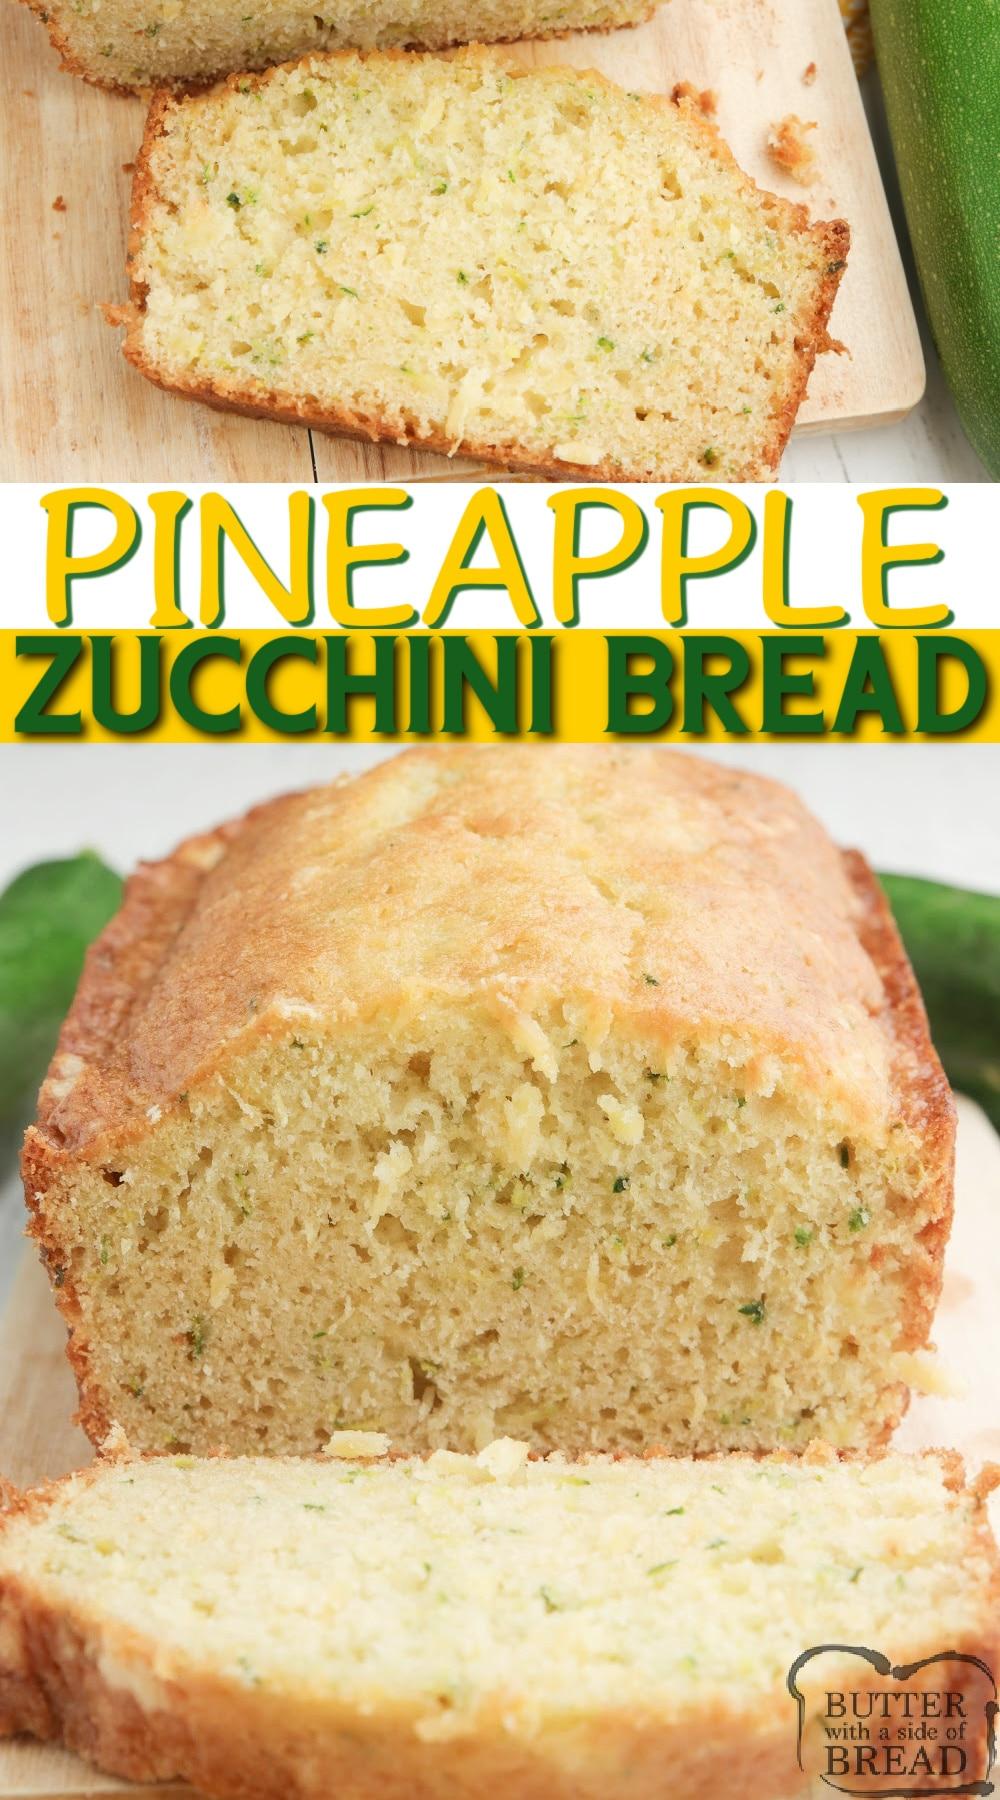 Pineapple Zucchini Bread combines a classic zucchini bread recipe with crushed pineapple, all in one delicious quick bread recipe!